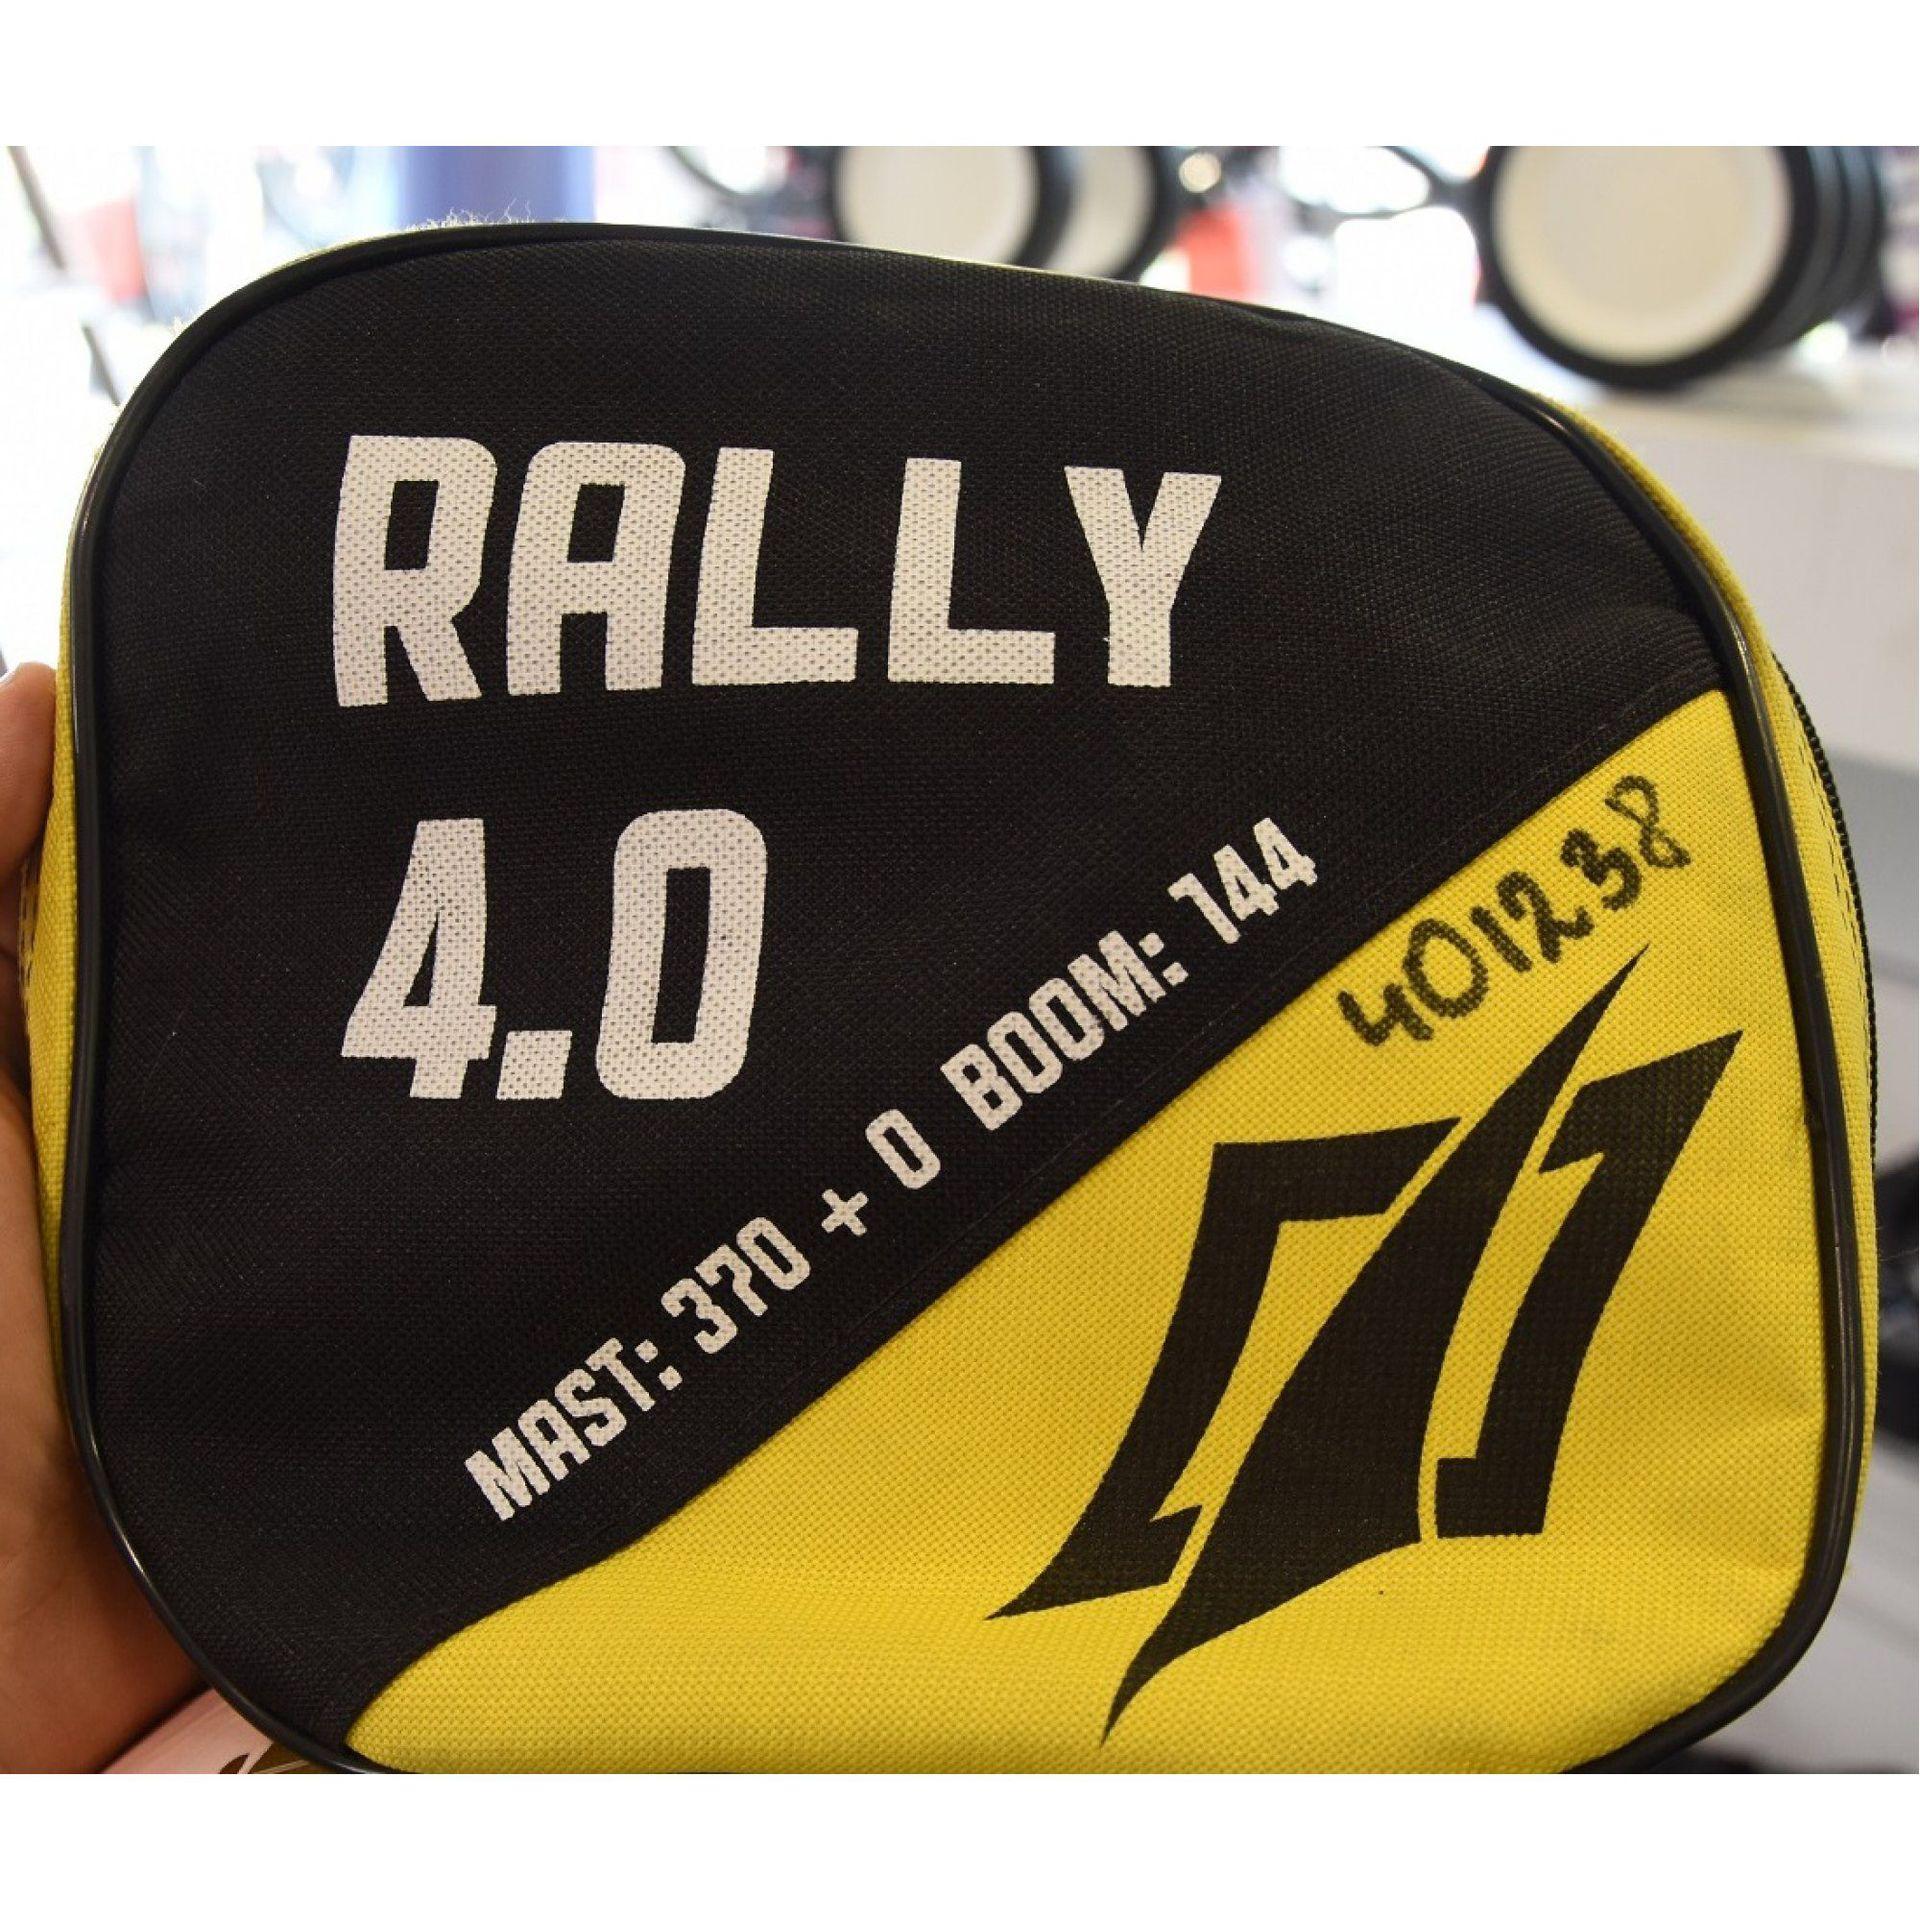 ŻAGIEL NAISH RALLY 2012 4.0 - FREERIDE  (401238) 8